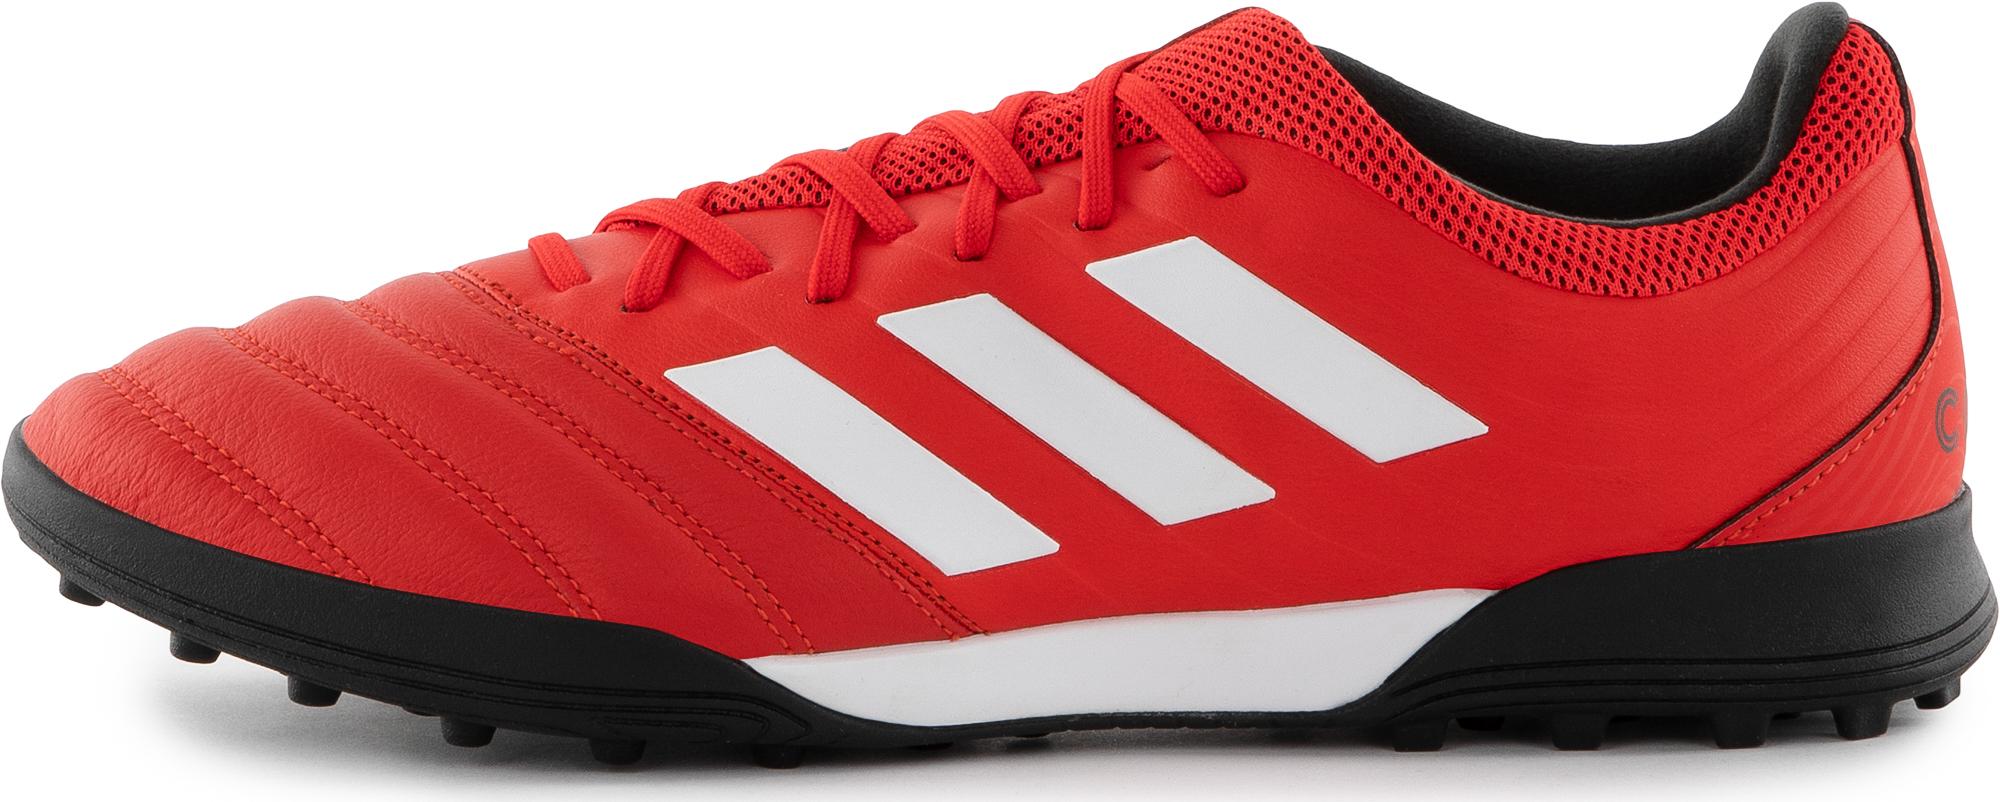 Adidas Бутсы мужские Copa 20.3 Tf, размер 43